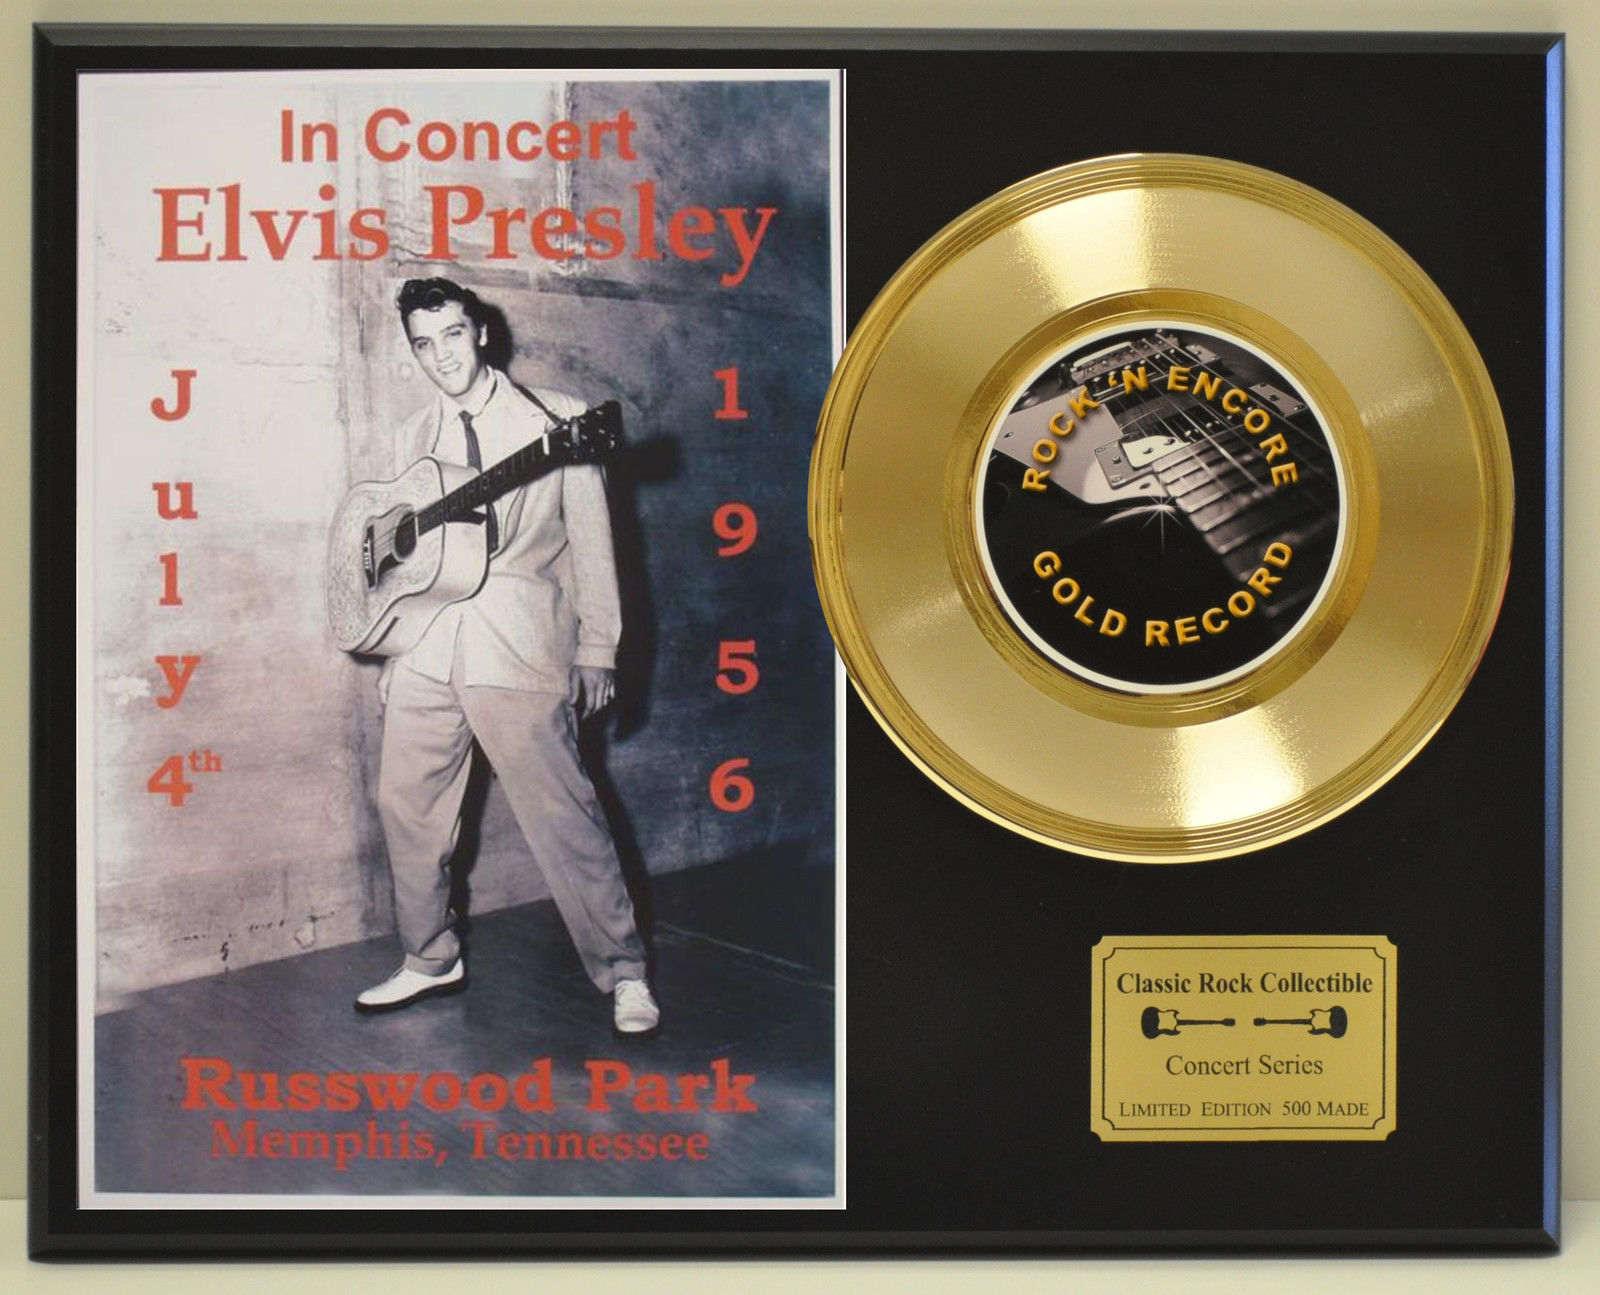 elvis presley vintage ltd edition concert poster series